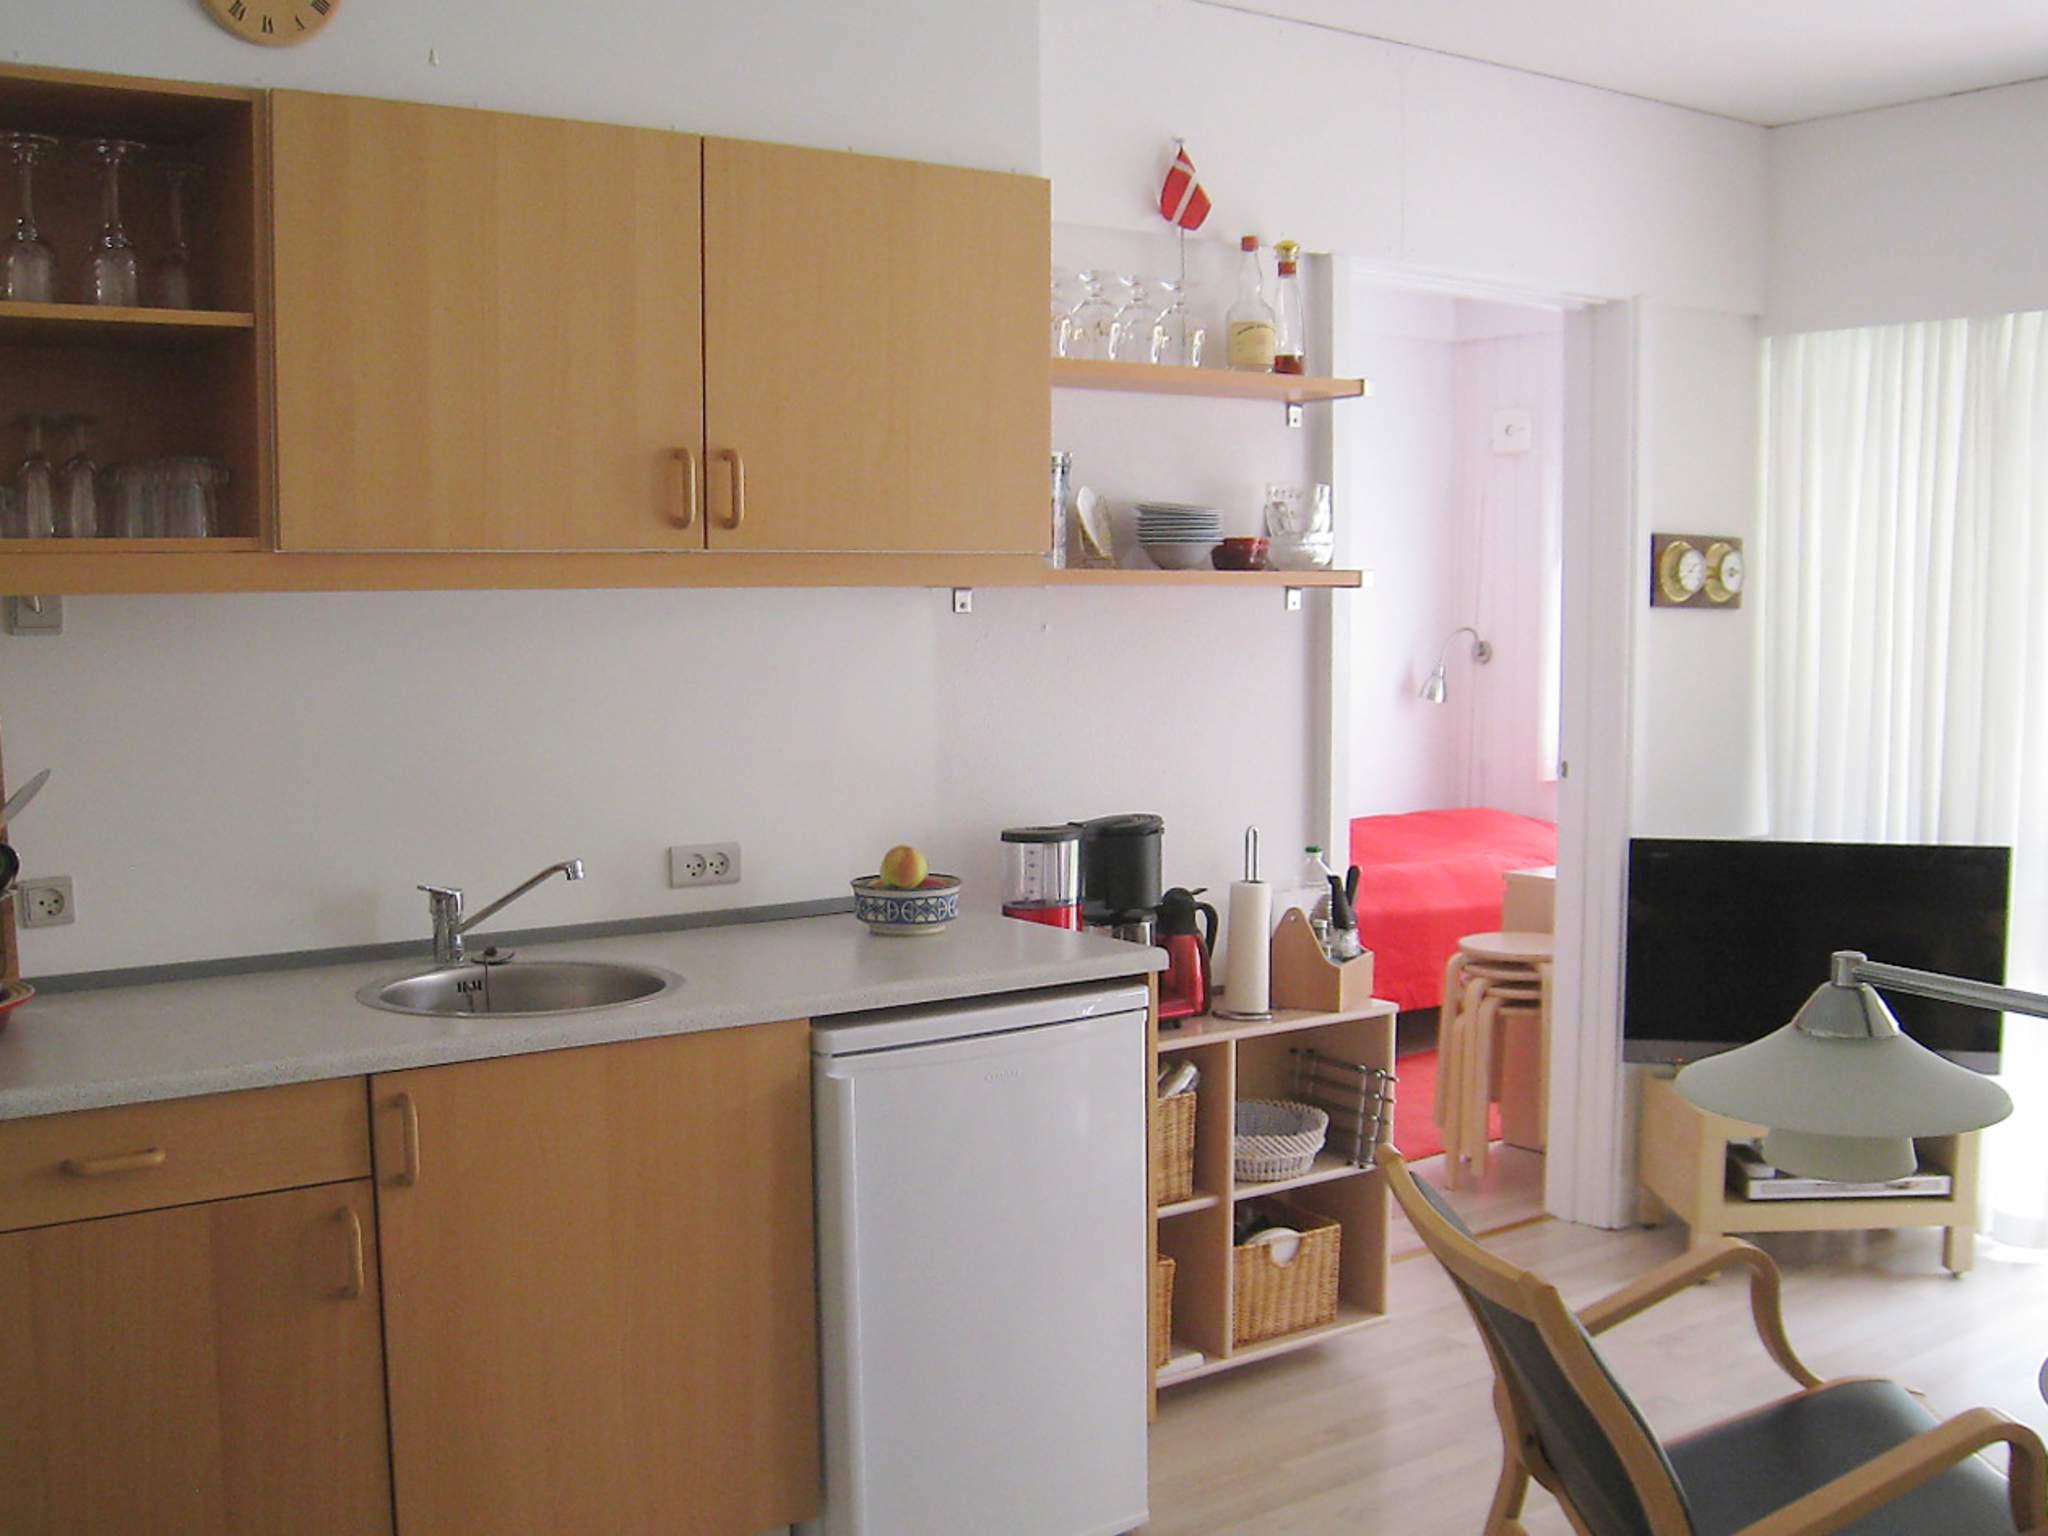 Ferienwohnung Hasle (670964), Hasle, , Bornholm, Dänemark, Bild 5